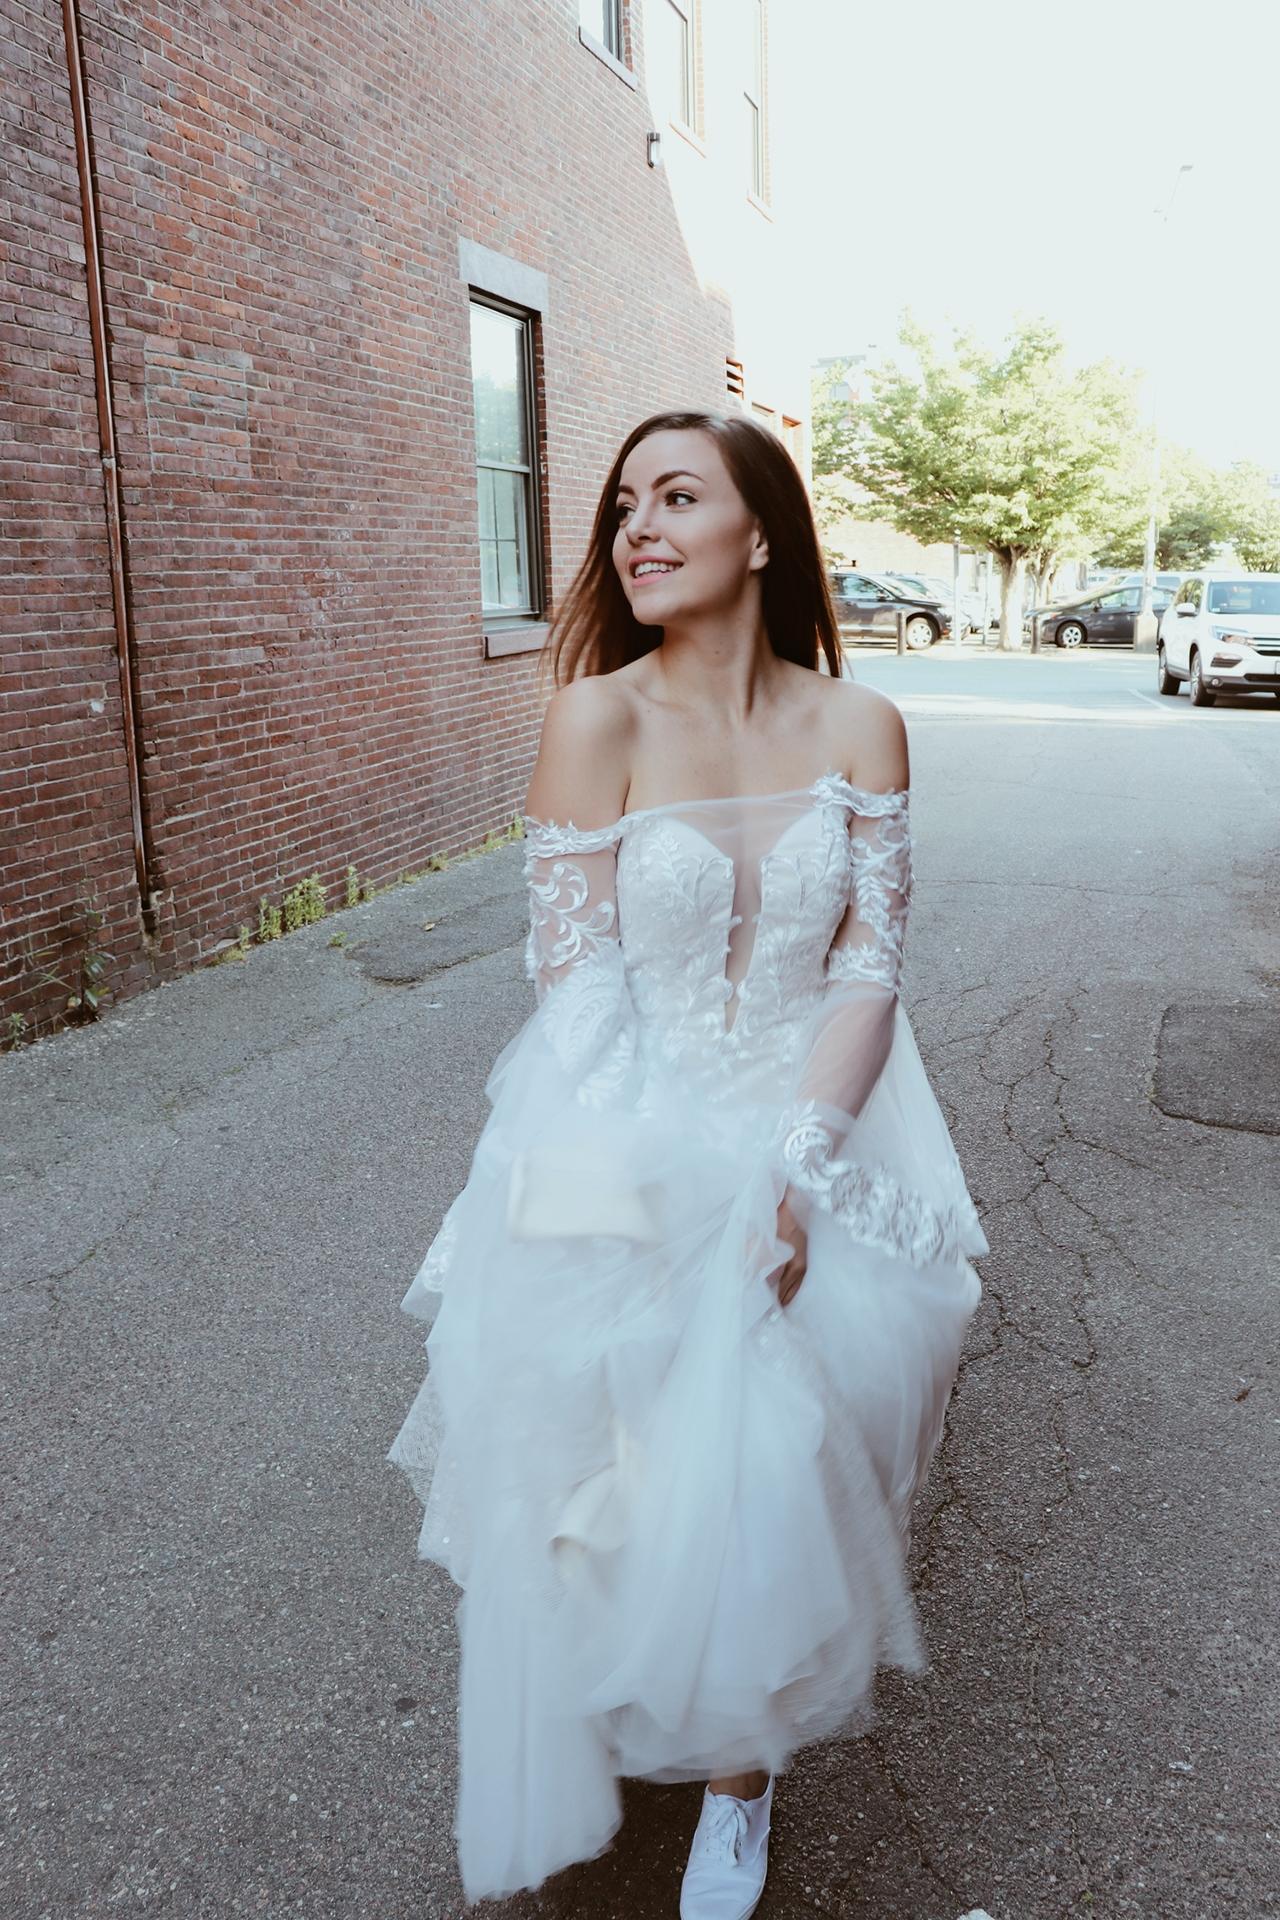 happy bride walking